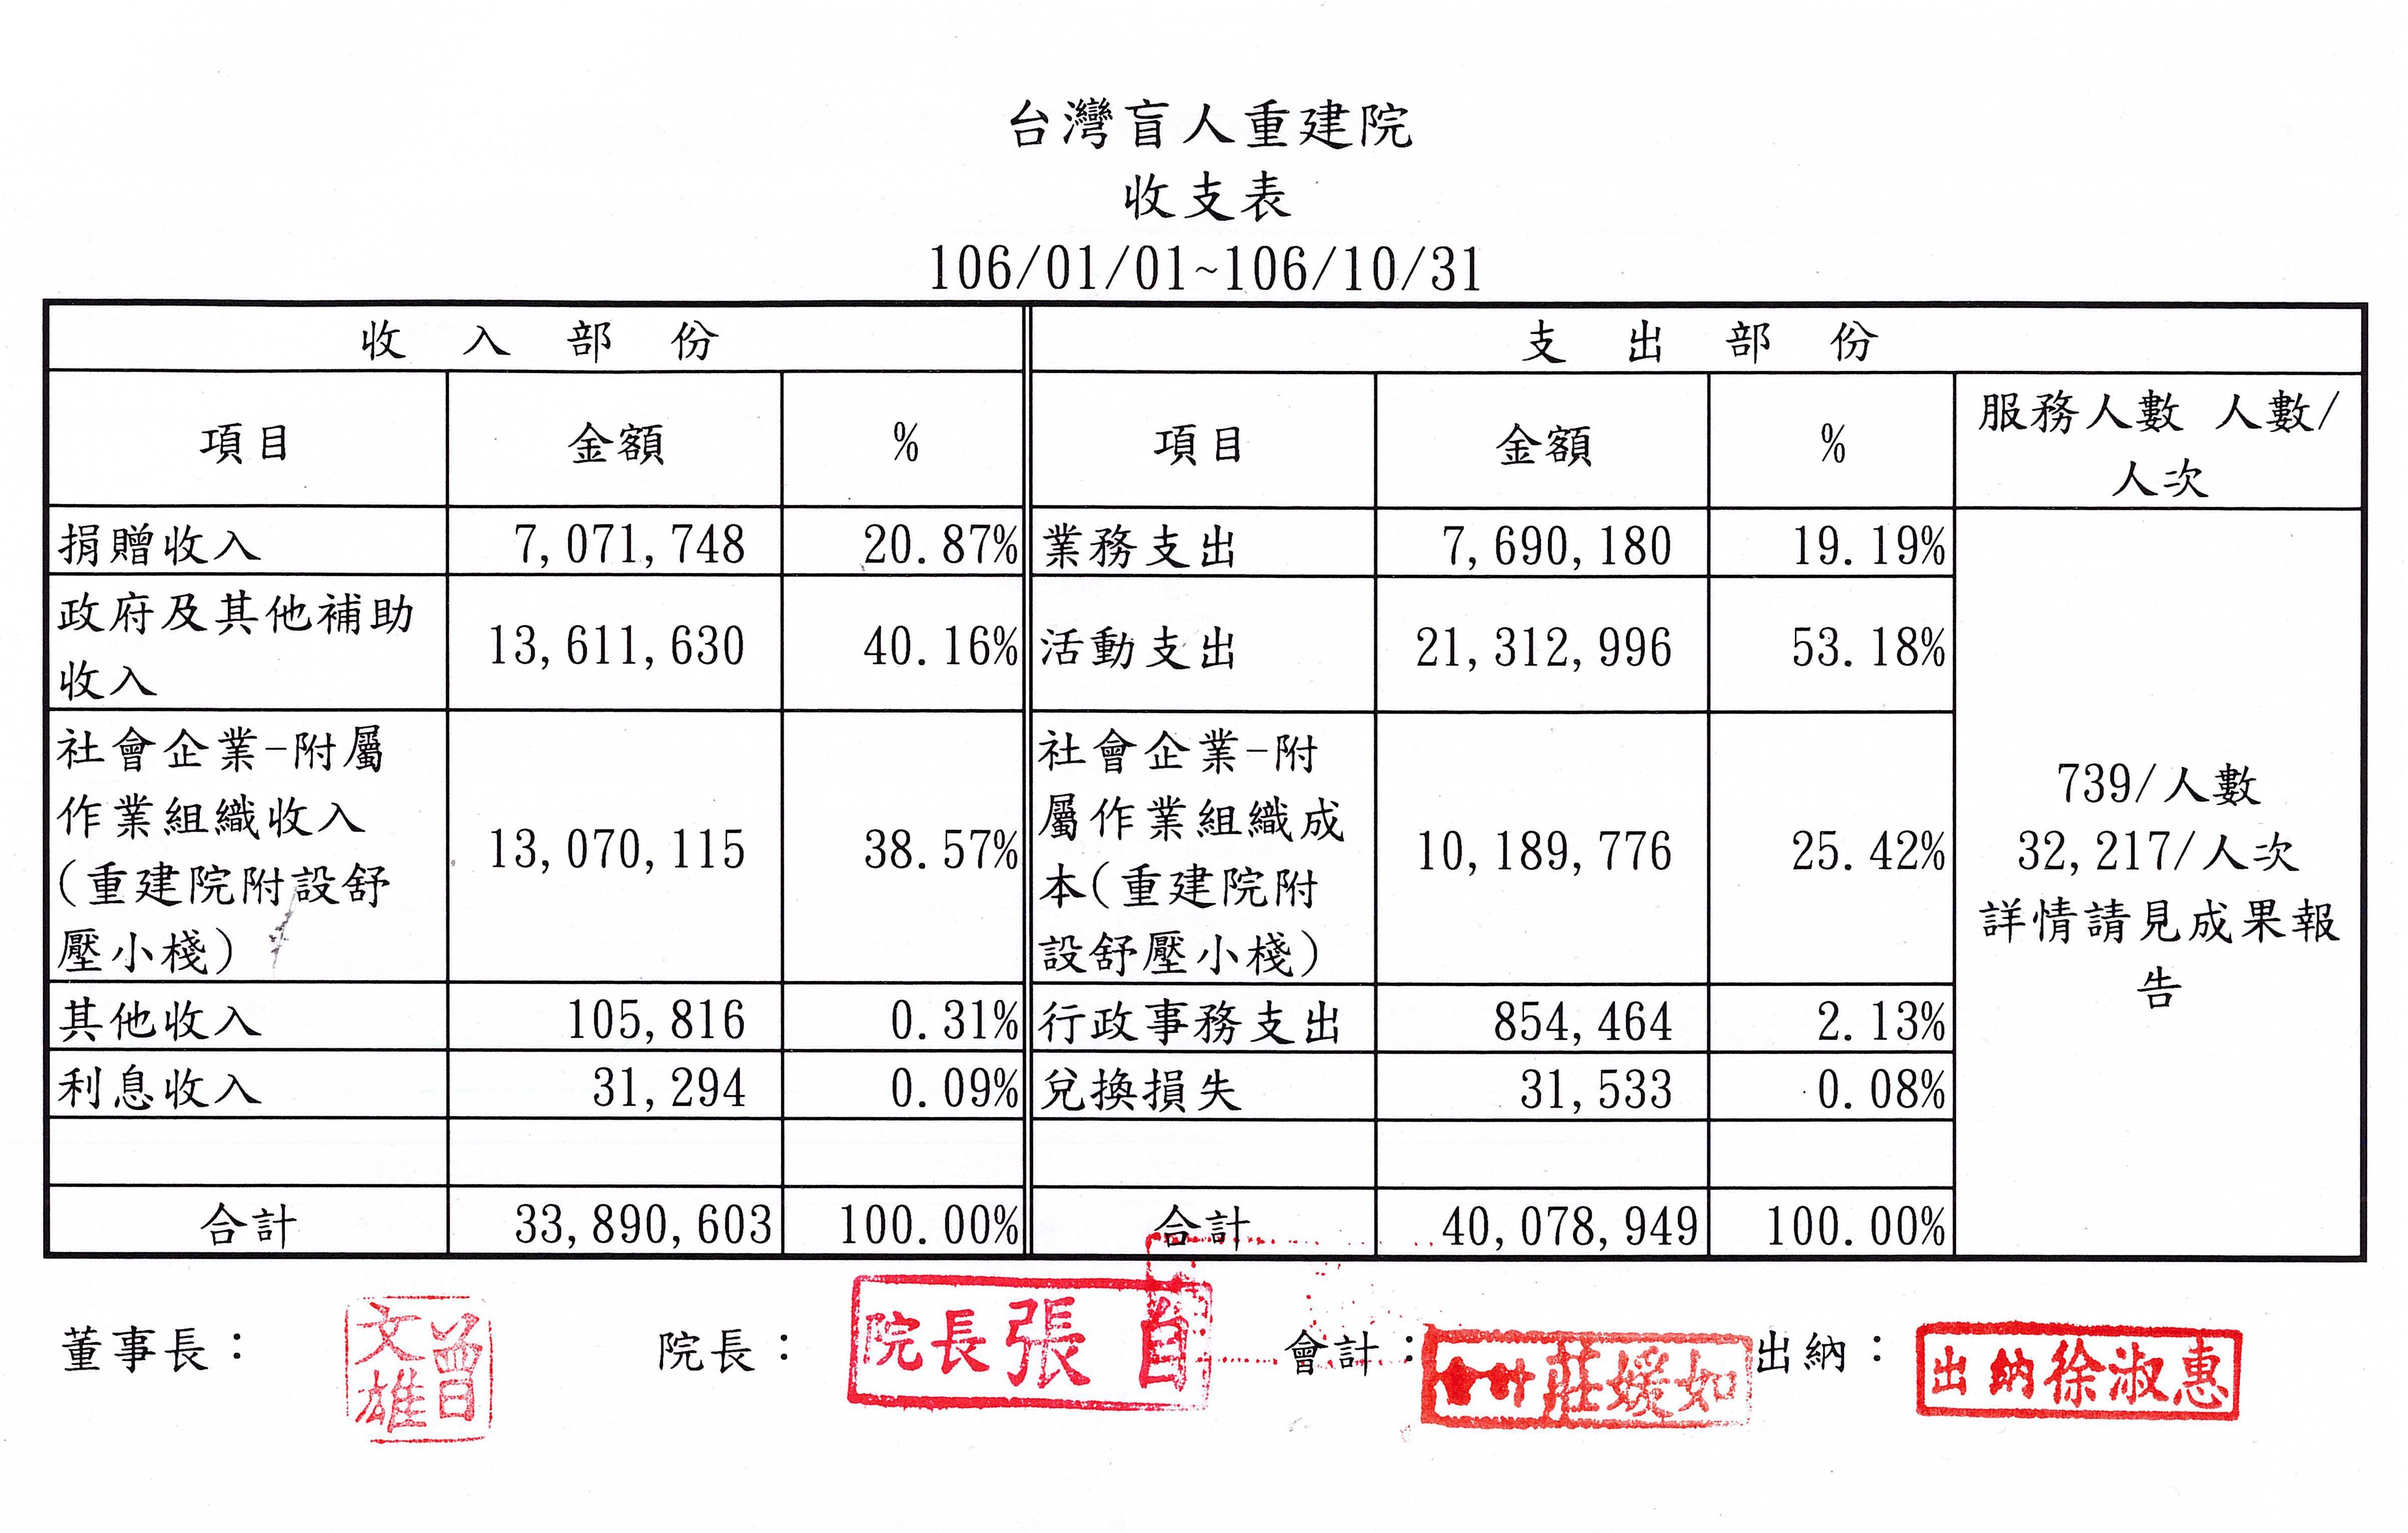 2017年10月收支表